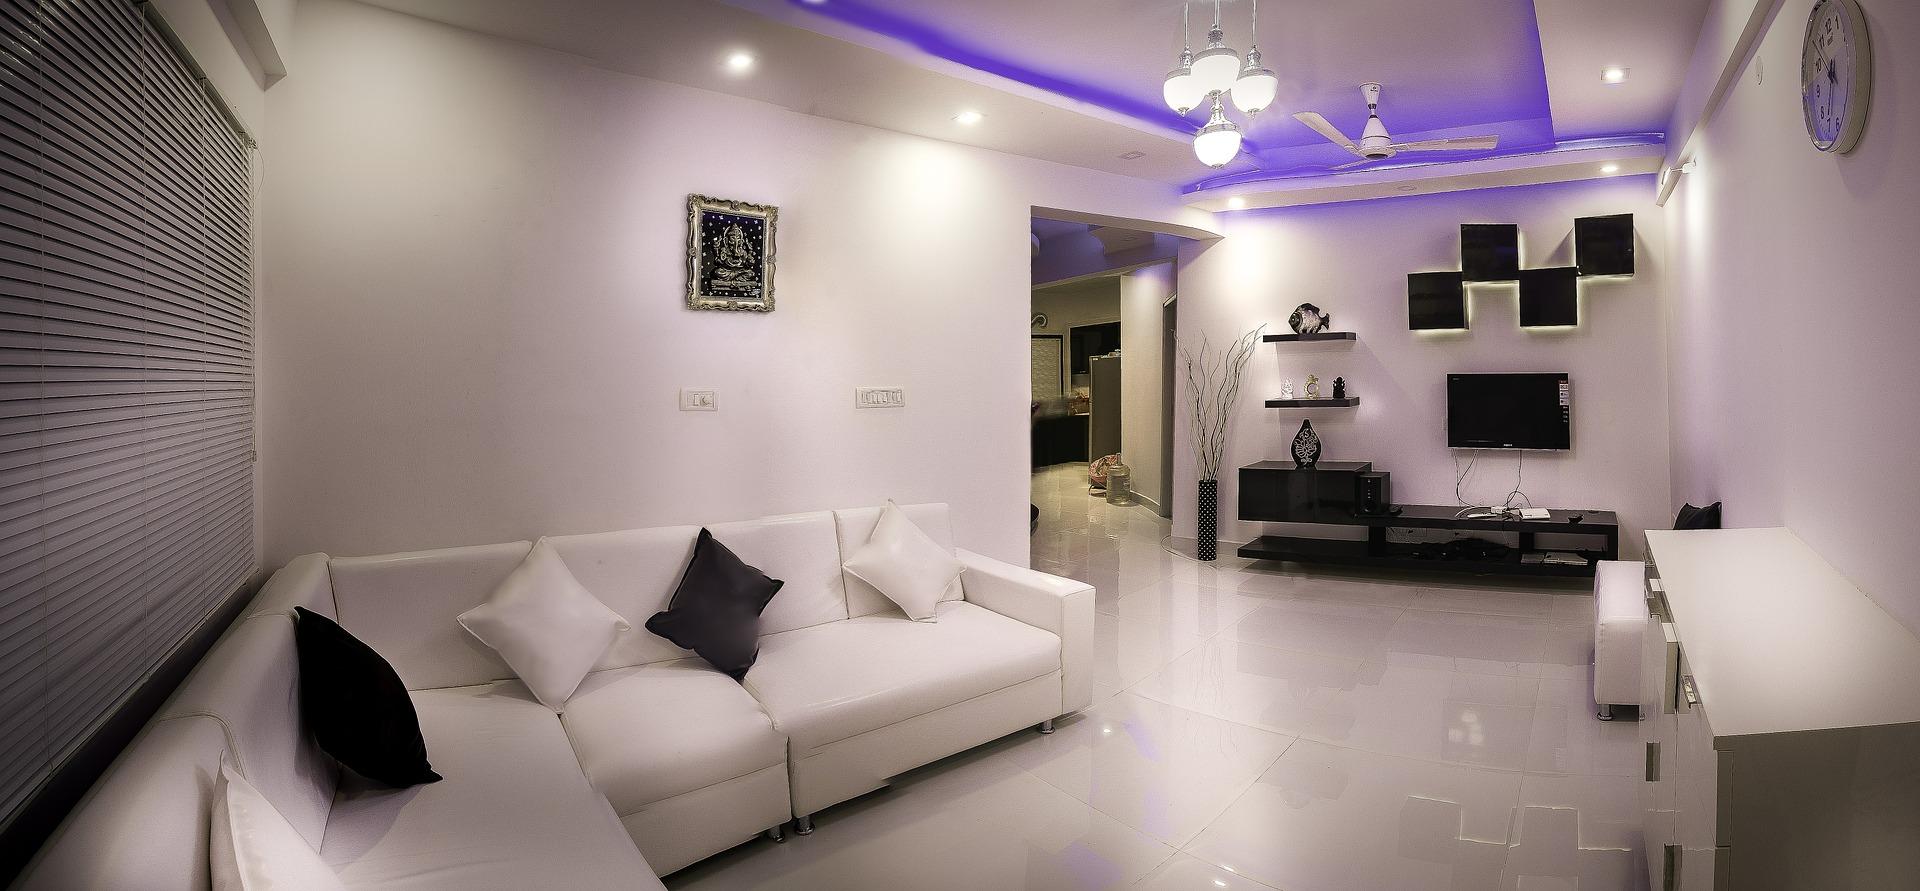 Przedpok j tradycyjny vs nowoczesny ewnetrze for 927 interior decoration l l c